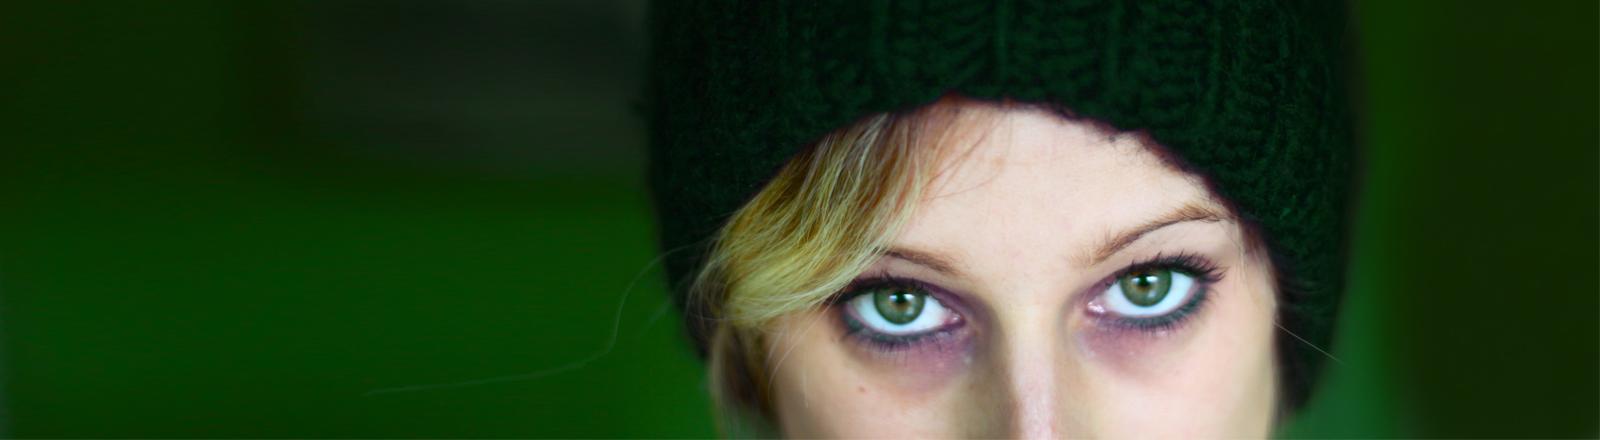 Eine Frau mit Mütze schaut verletzt-drohend in die Kamera.